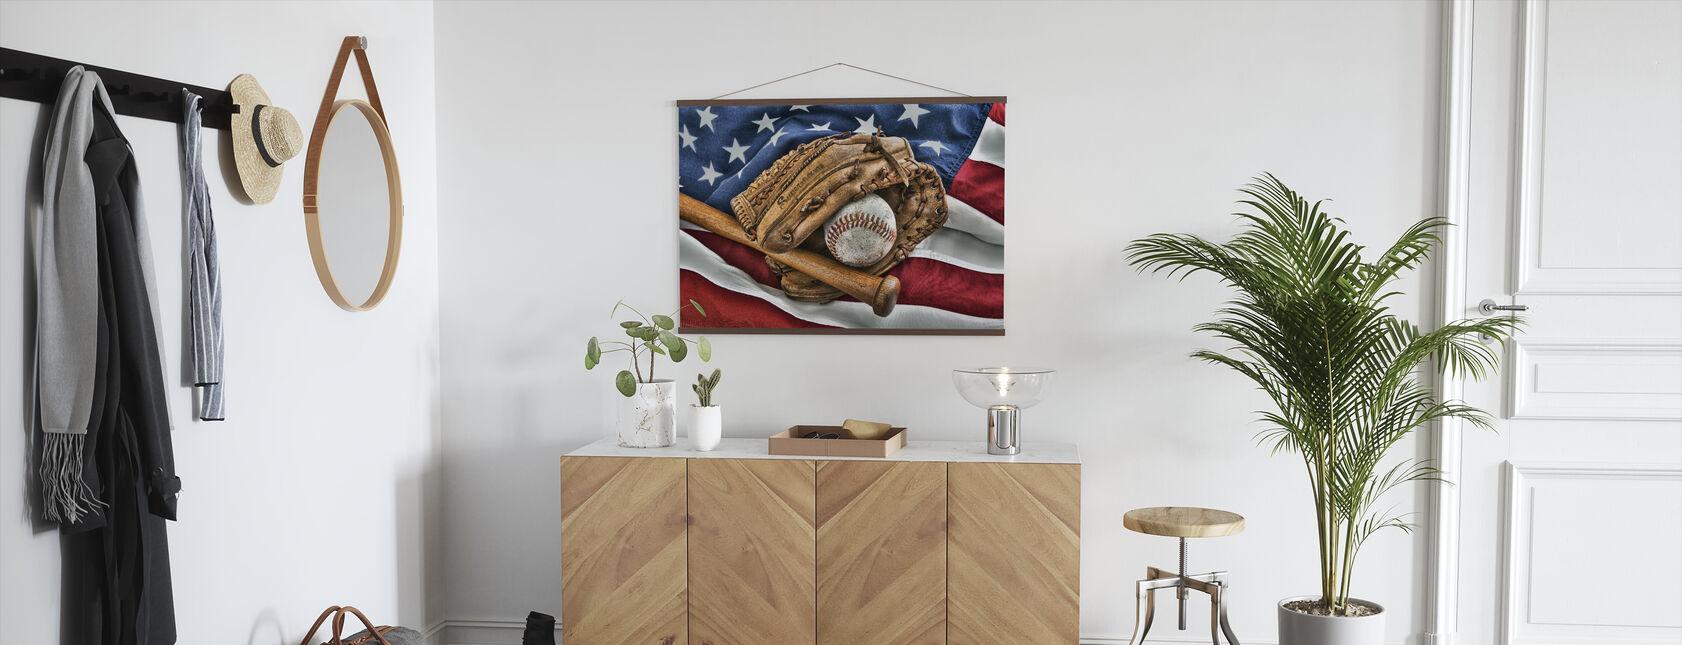 Vintage Baseball käsine - Juliste - Aula